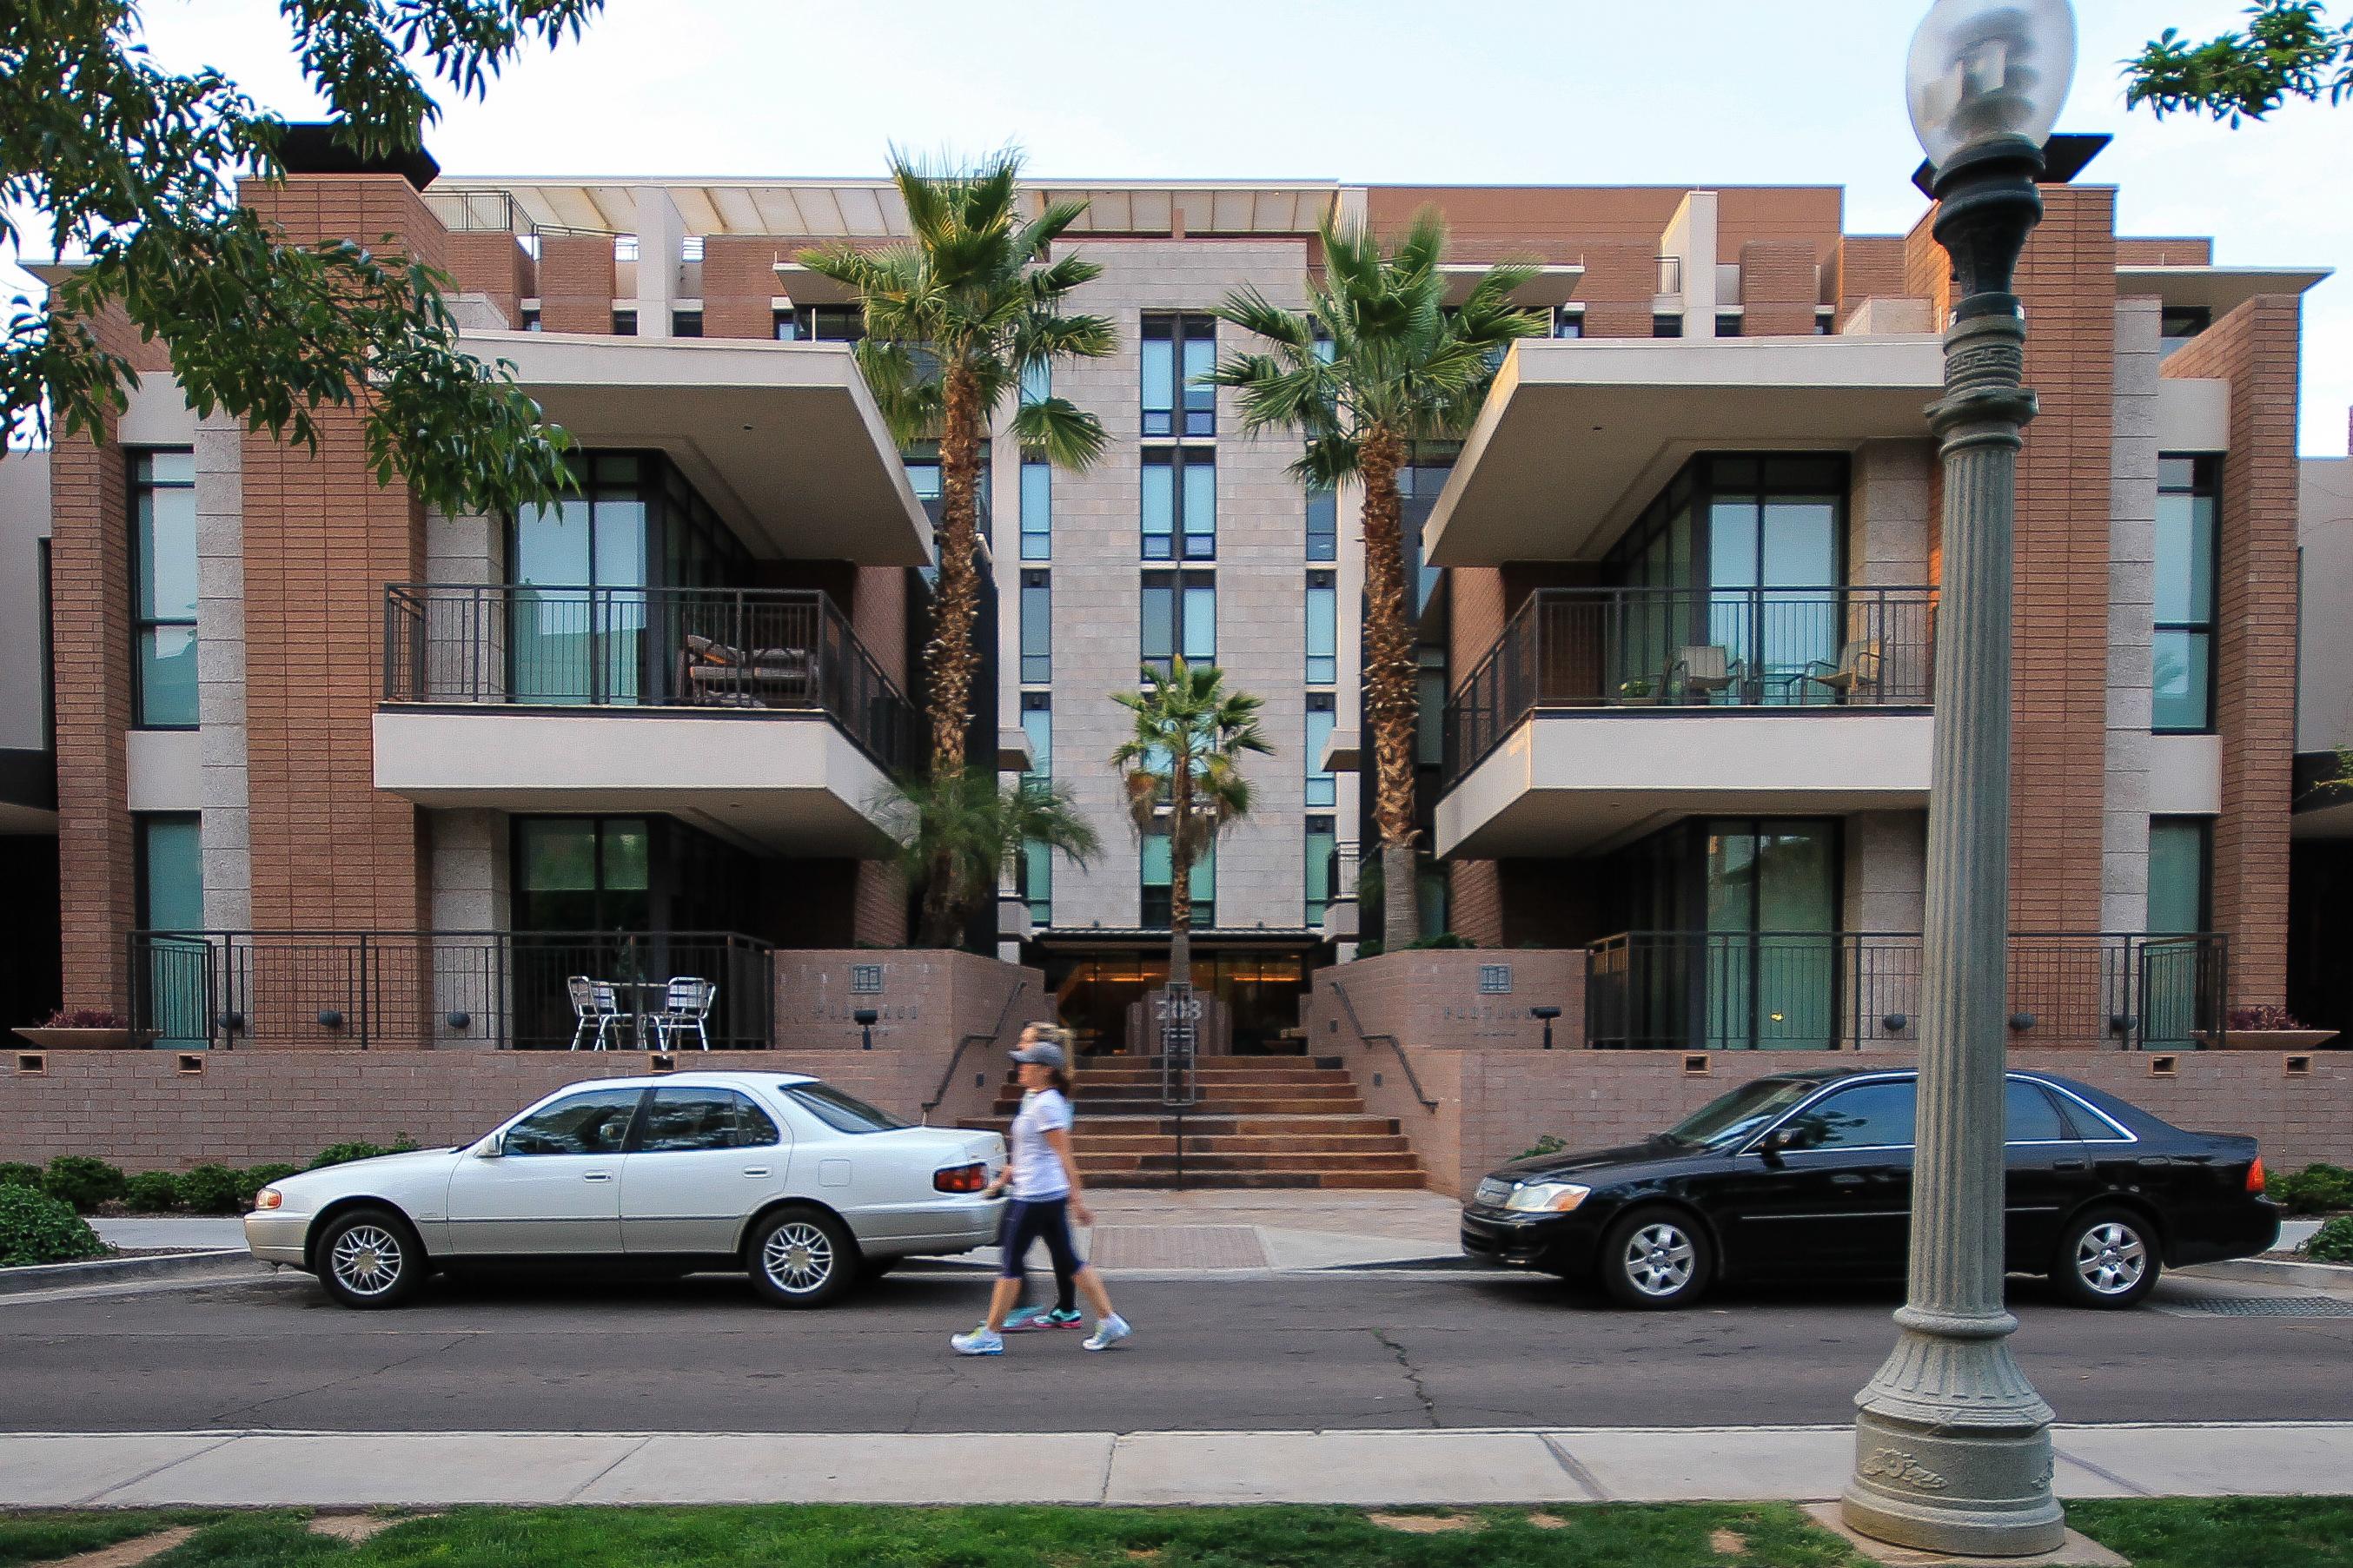 Sidewalk portland place condos